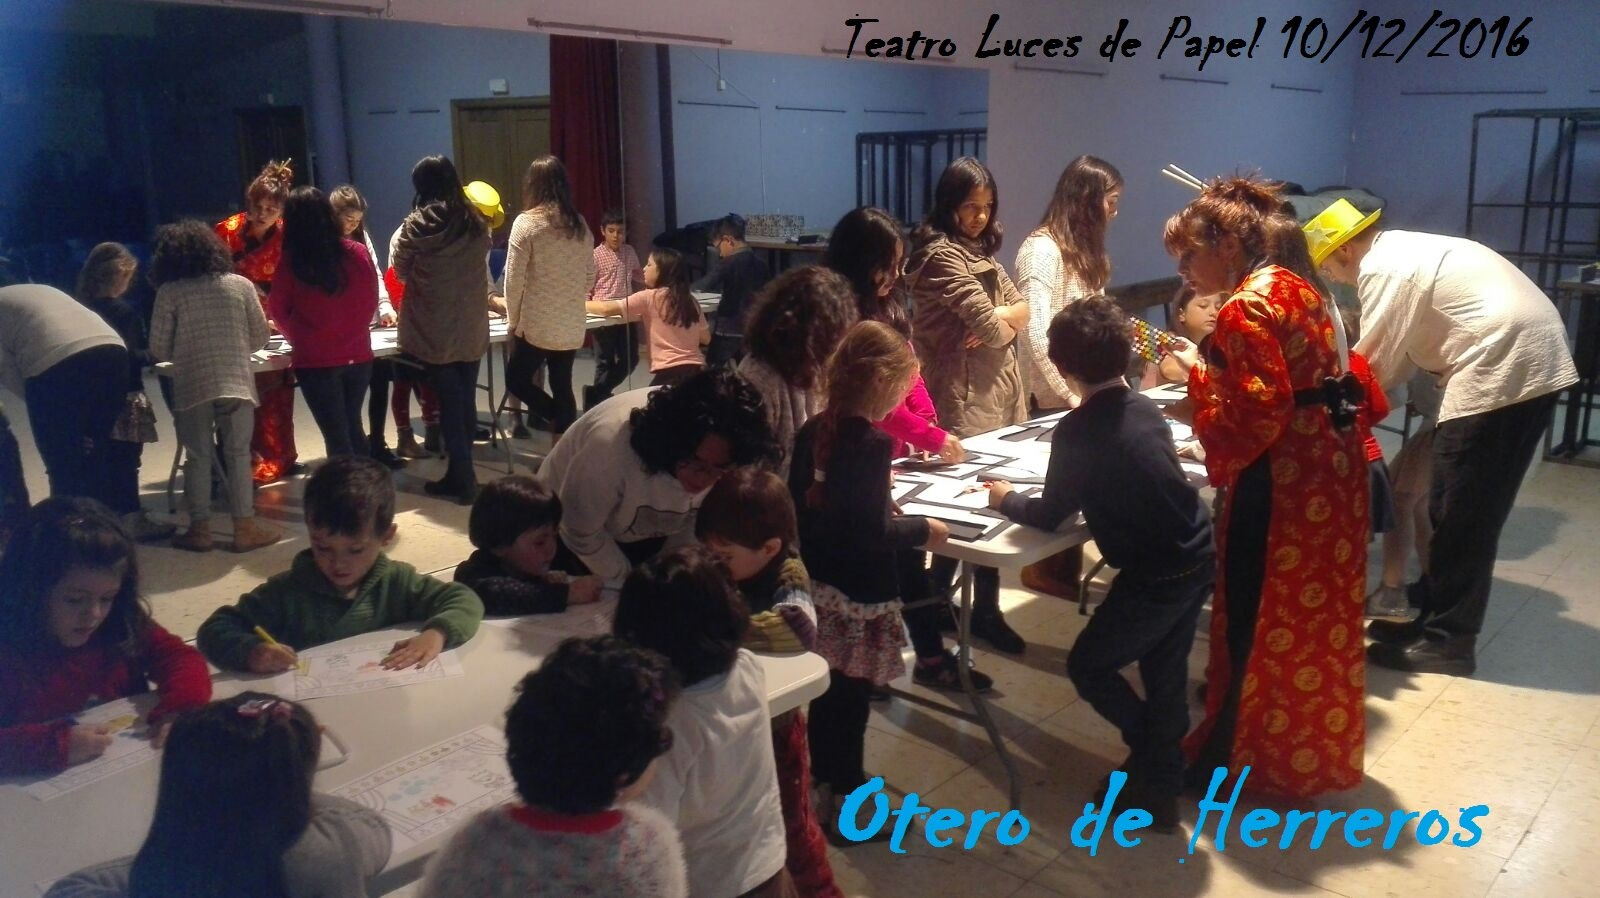 Teatro Luces de Papel 10 Diciembre 2016 (8)